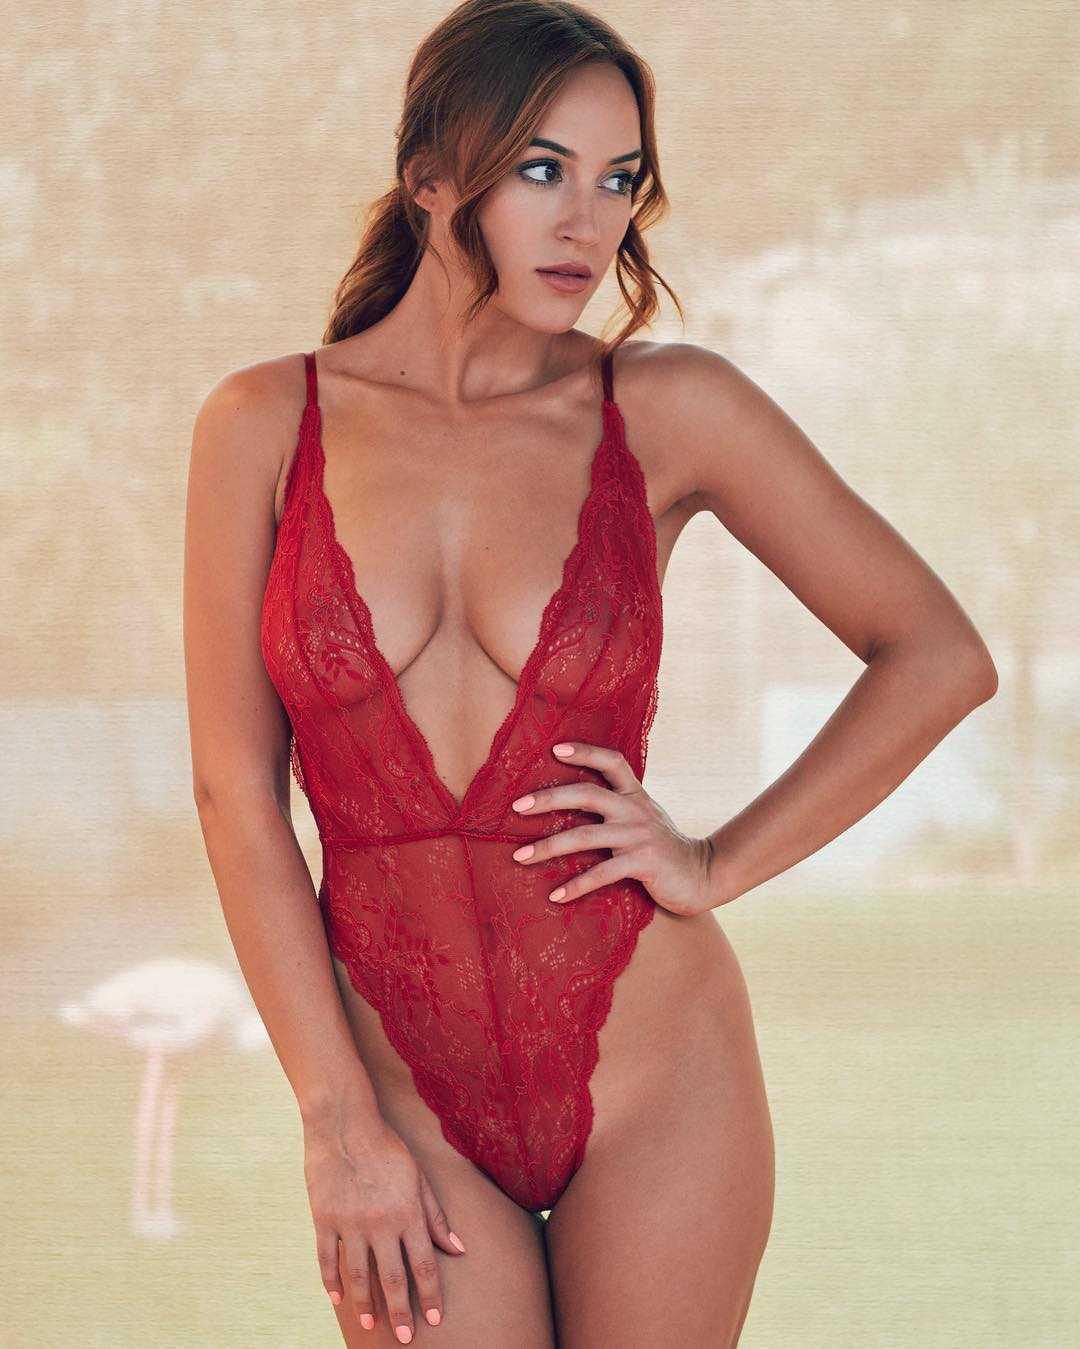 Rosie-Jones-hot-lingerie-pictures-2